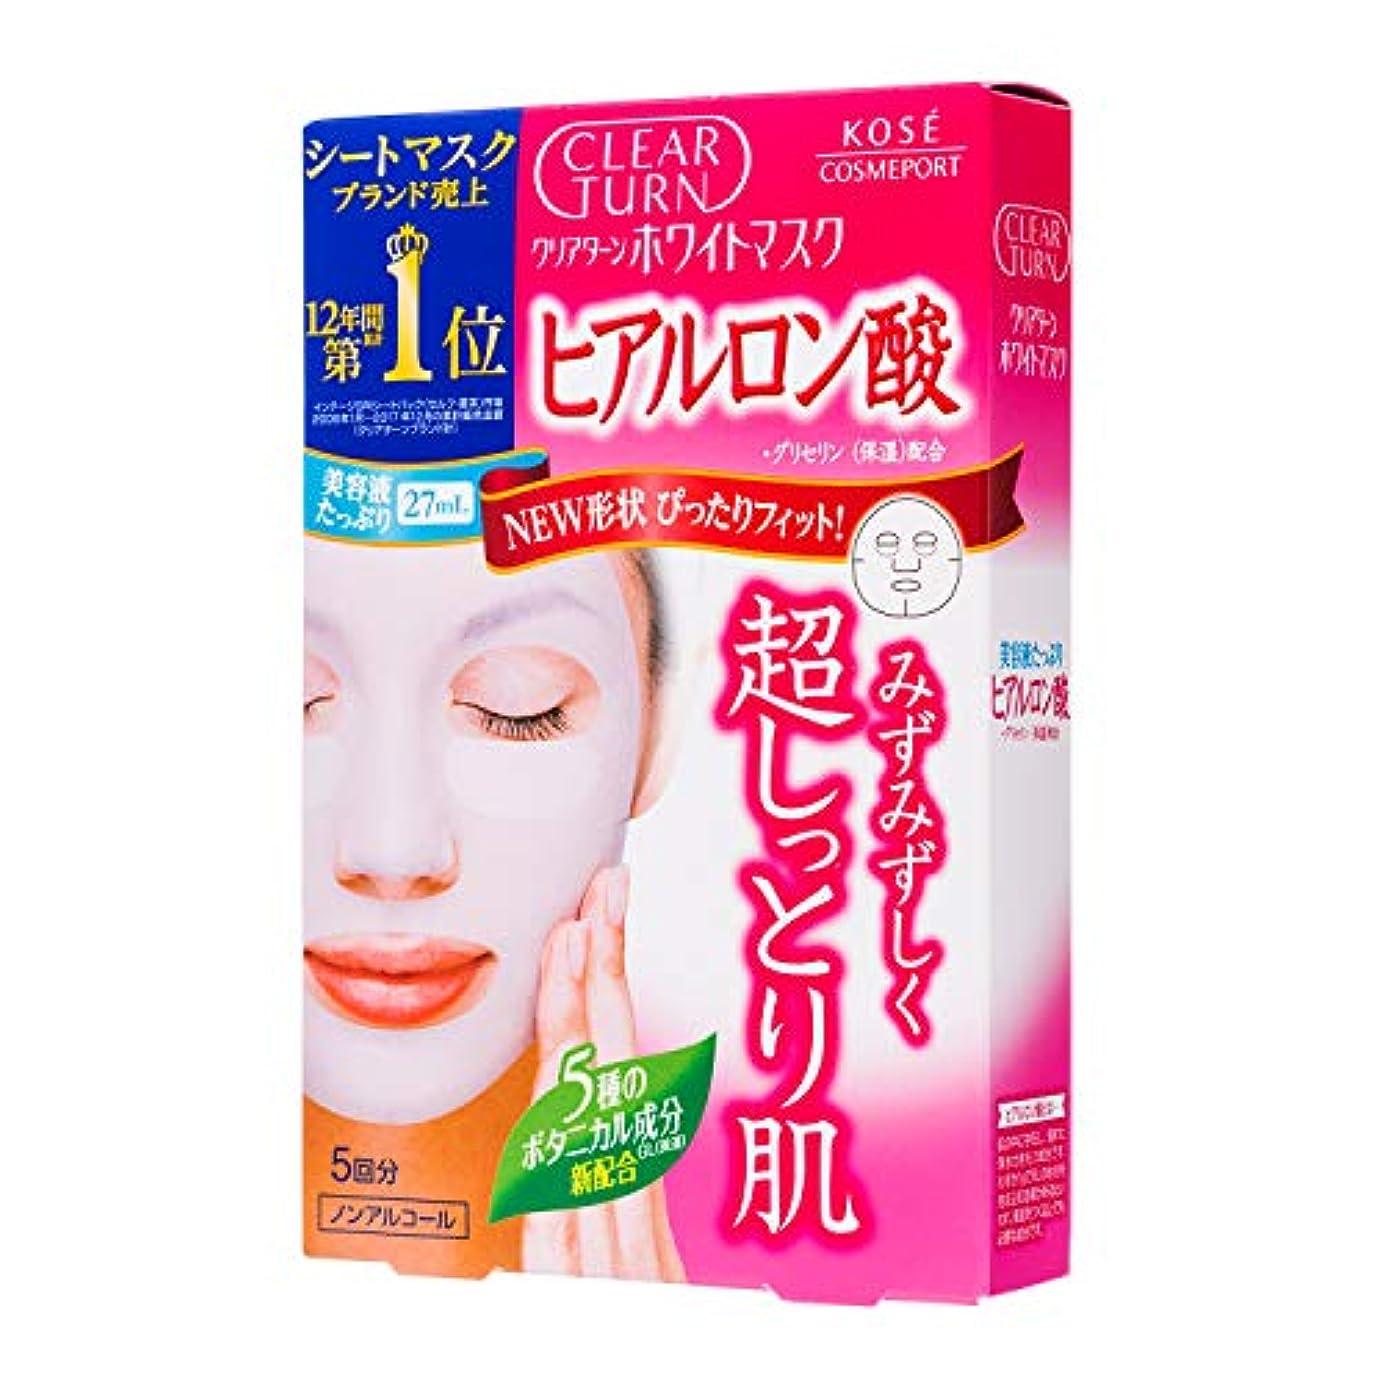 KOSE クリアターン ホワイト マスク HA d (ヒアルロン酸) 5回分 (22mL×5)